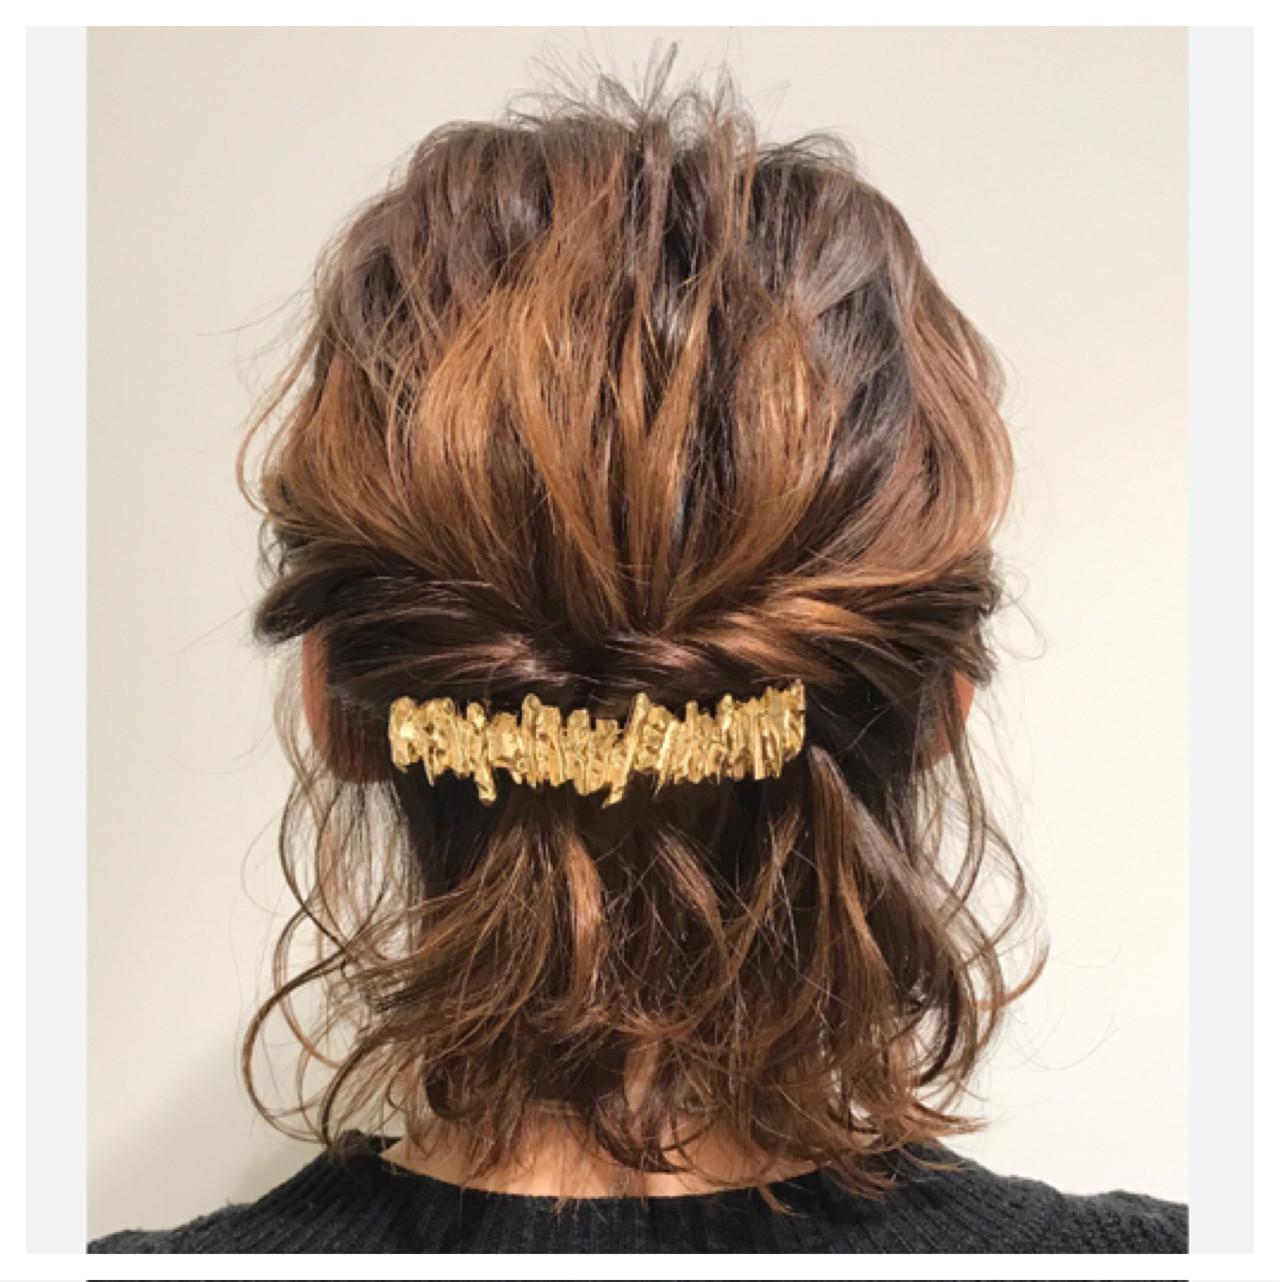 ボブでもできる簡単まとめ髪♡スッキリ可愛いアレンジを伝授 徳井 瞬 | Of hair 宮崎台店